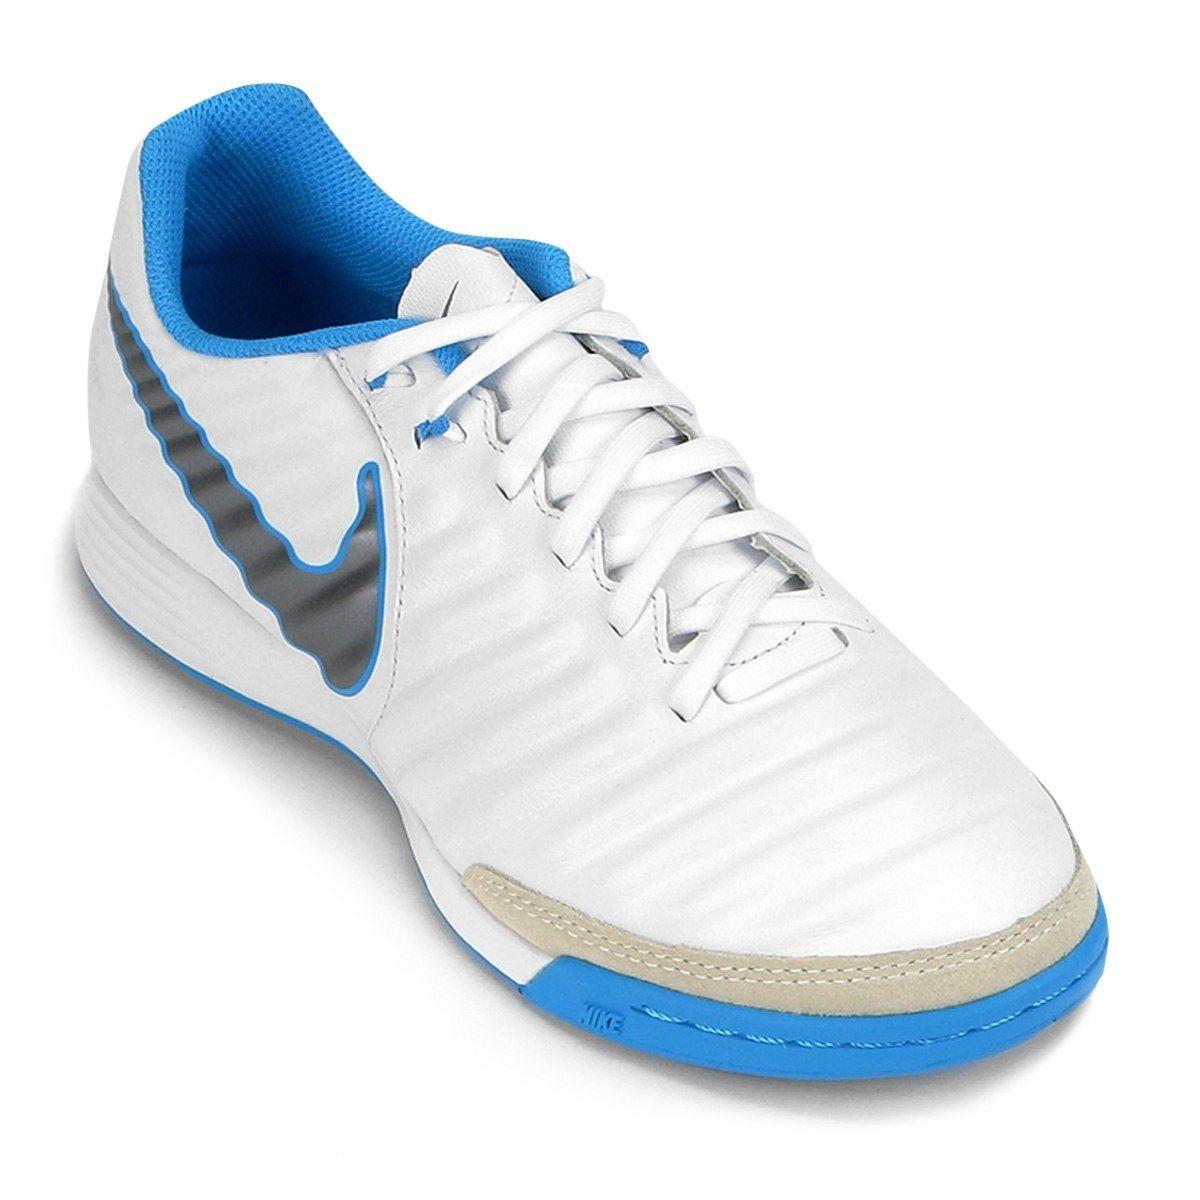 Chuteira Futsal Nike Tiempo Legendx 7 Academy Ic Masculino - R  379 ... e90bc5a9c3777